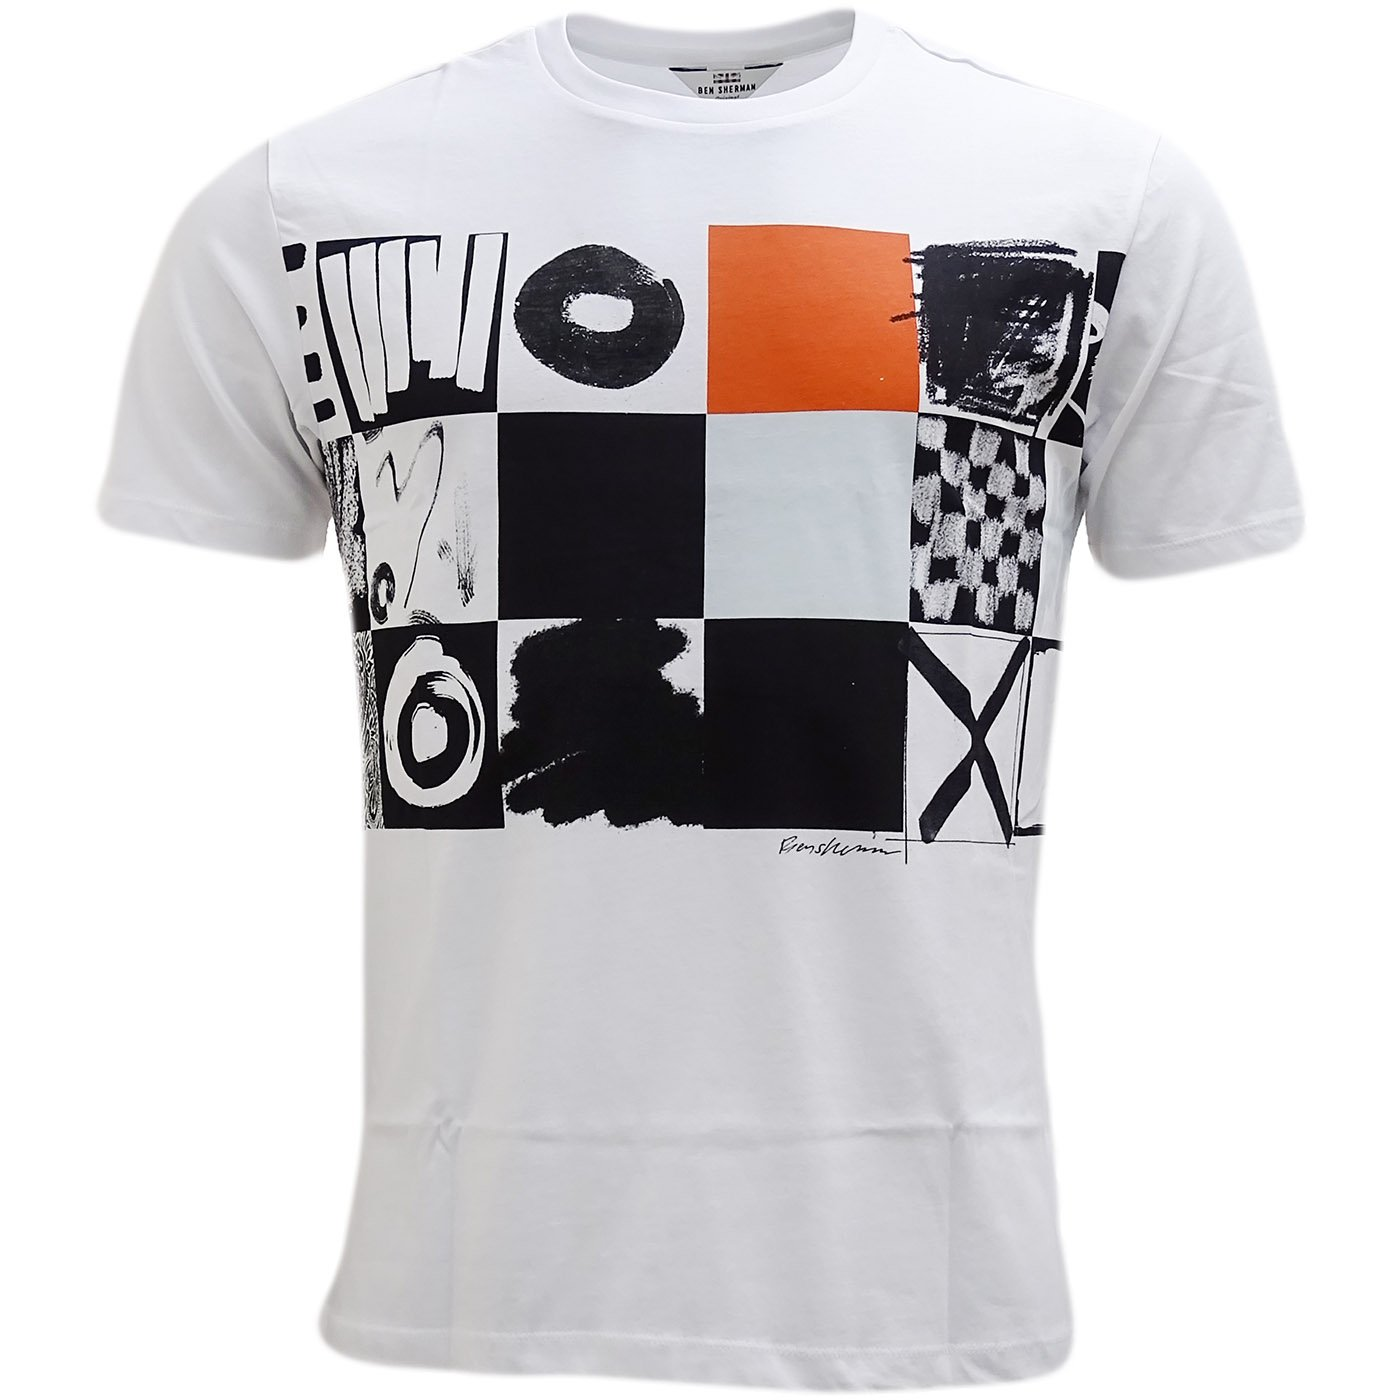 Ben Sherman Boxes T-Shirt - Mb13444 White XL